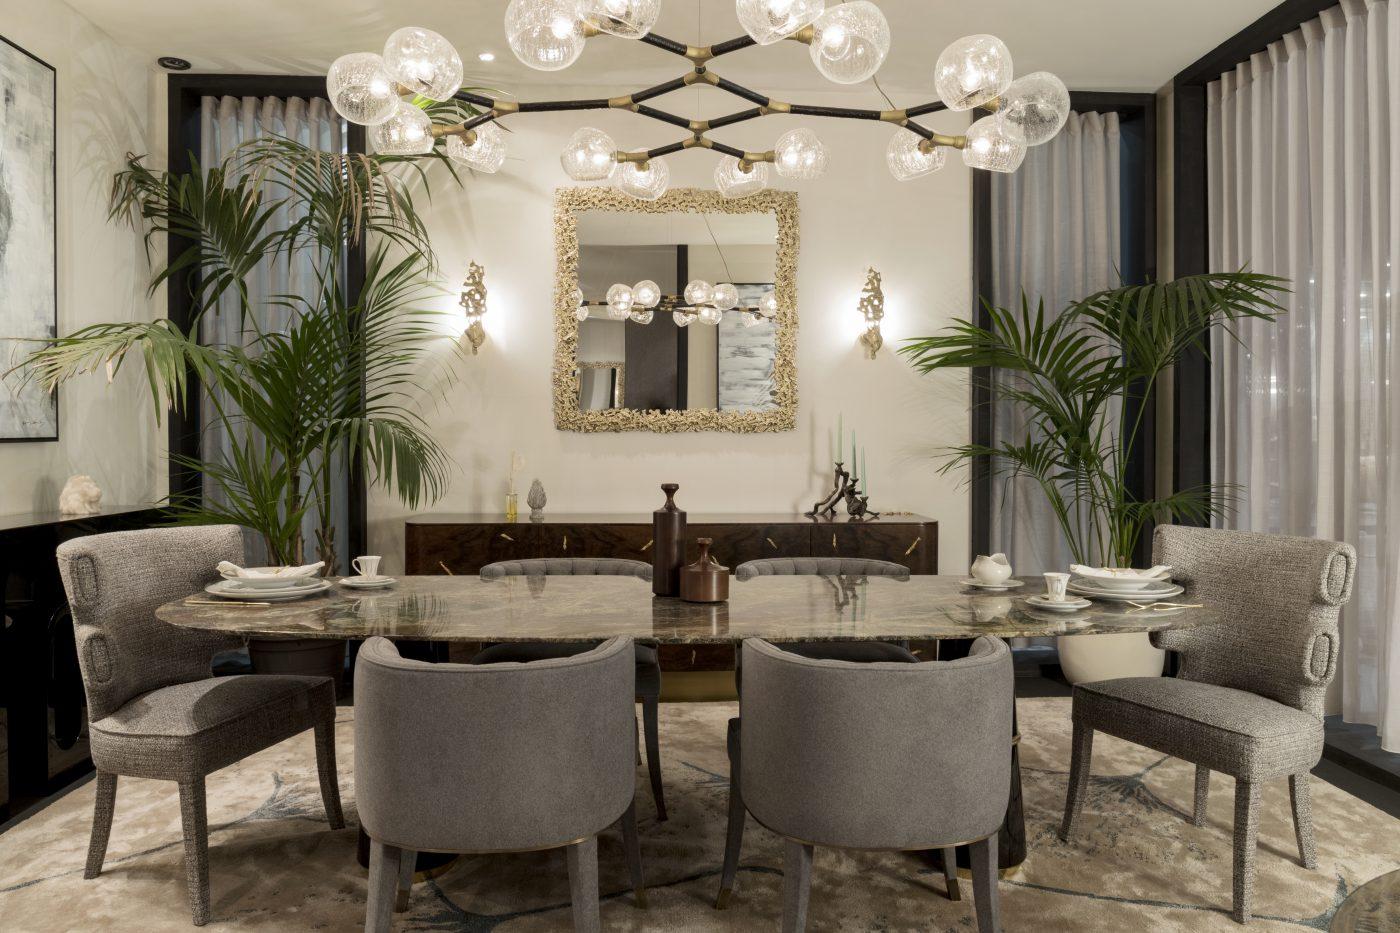 maison et objet 2020 Maison Et Objet 2020: Bring Nature Into Your Home Decor maison objet 2020 bring nature home decor 7